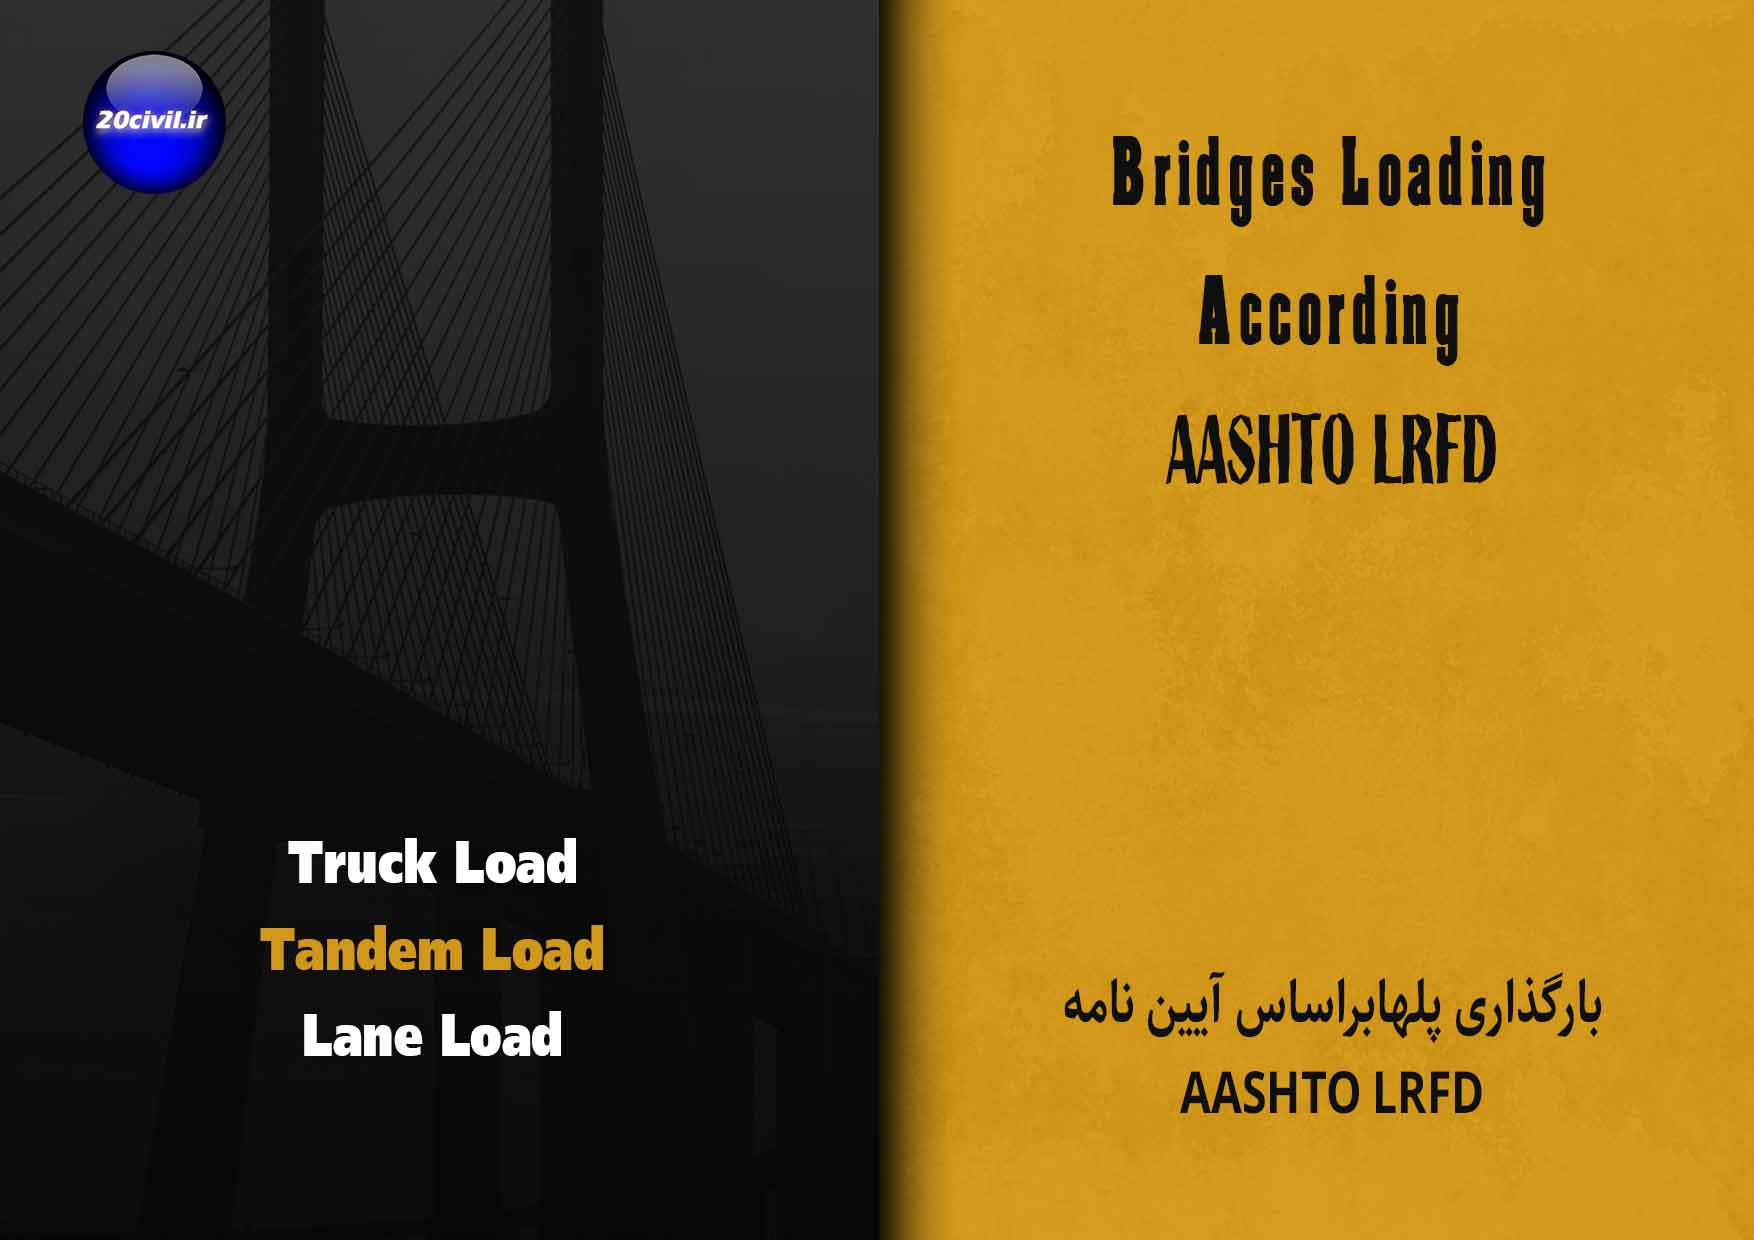 آموزش بارگذاری پل ها براساس آیین نامه AASHTO LRFD bridge design